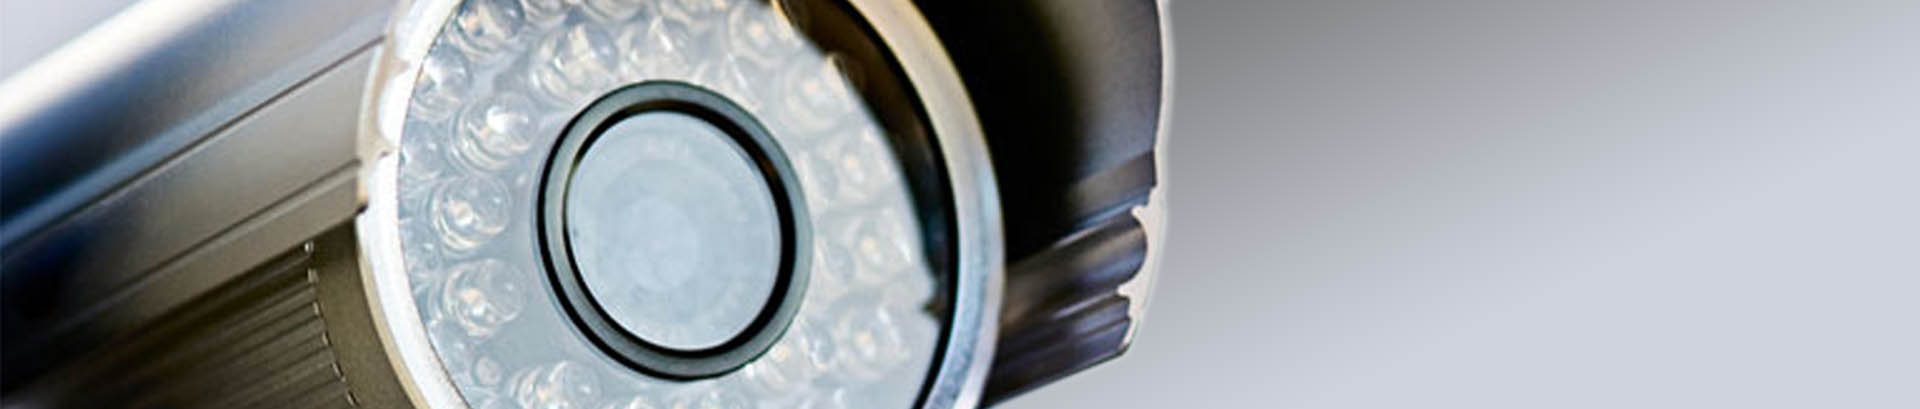 Frinton Alarm Systems - CCTV systems